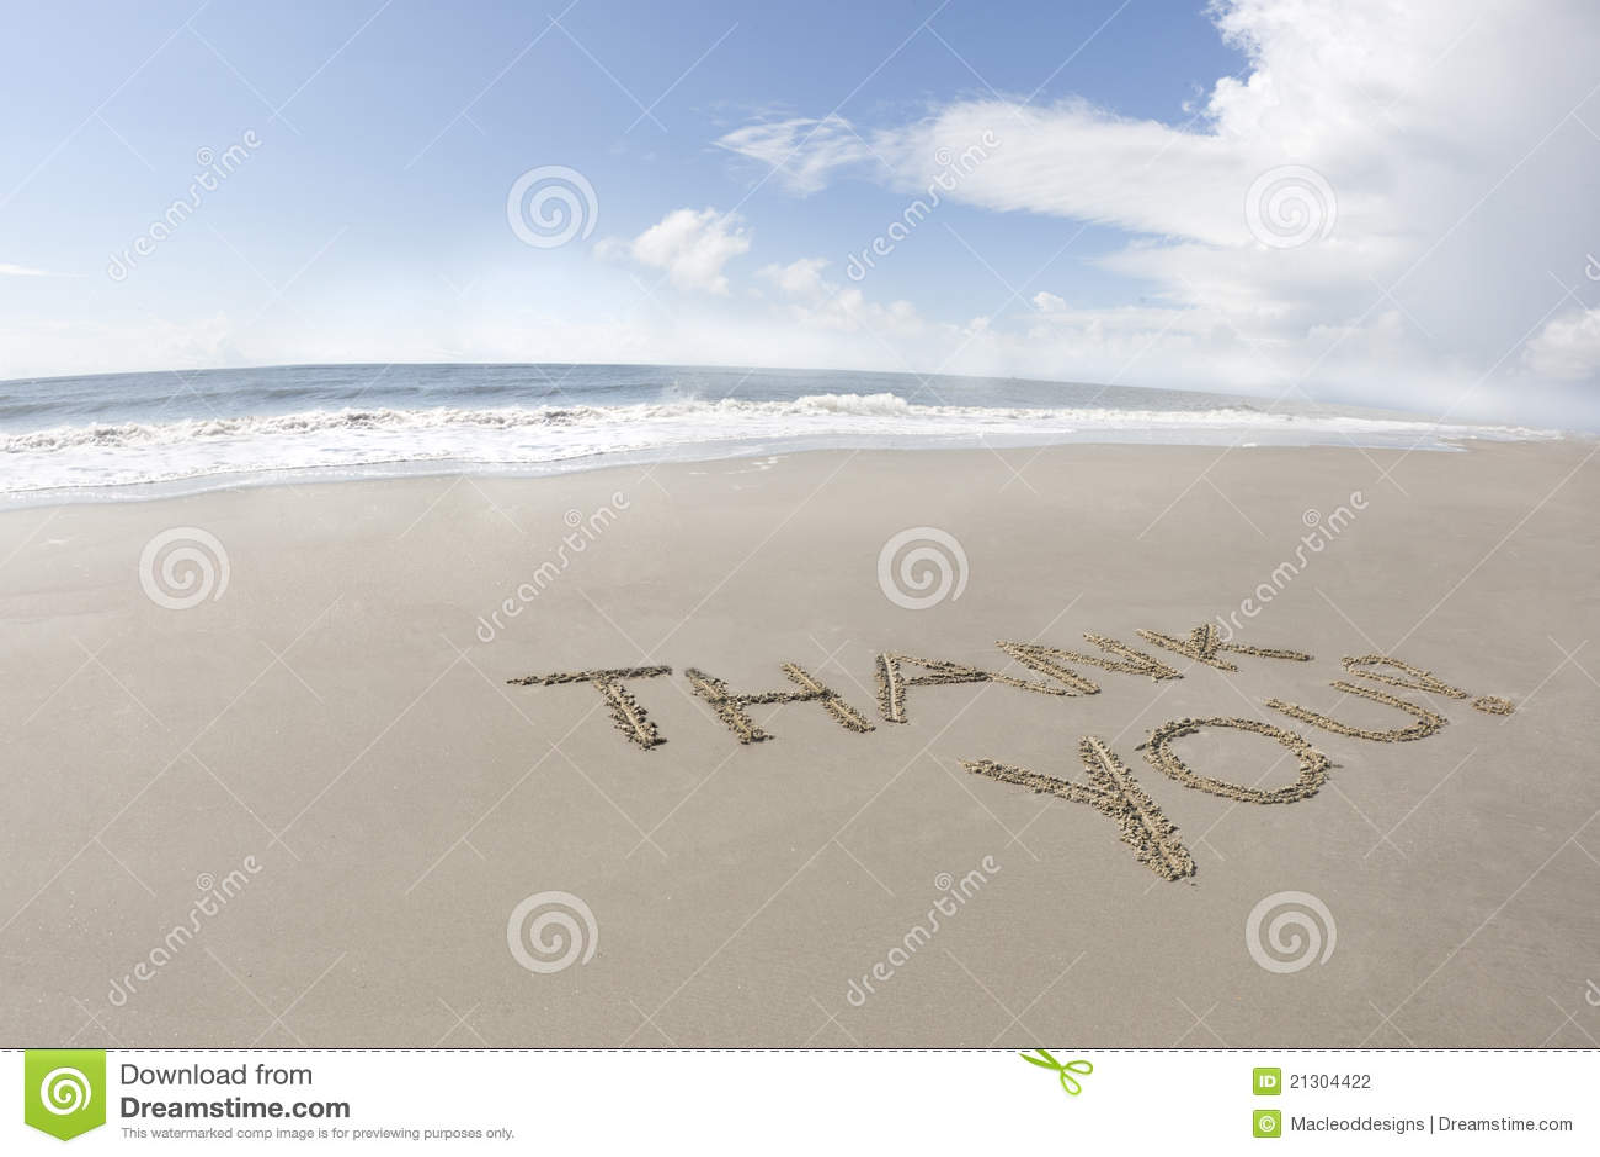 Merci écrit sur une plage